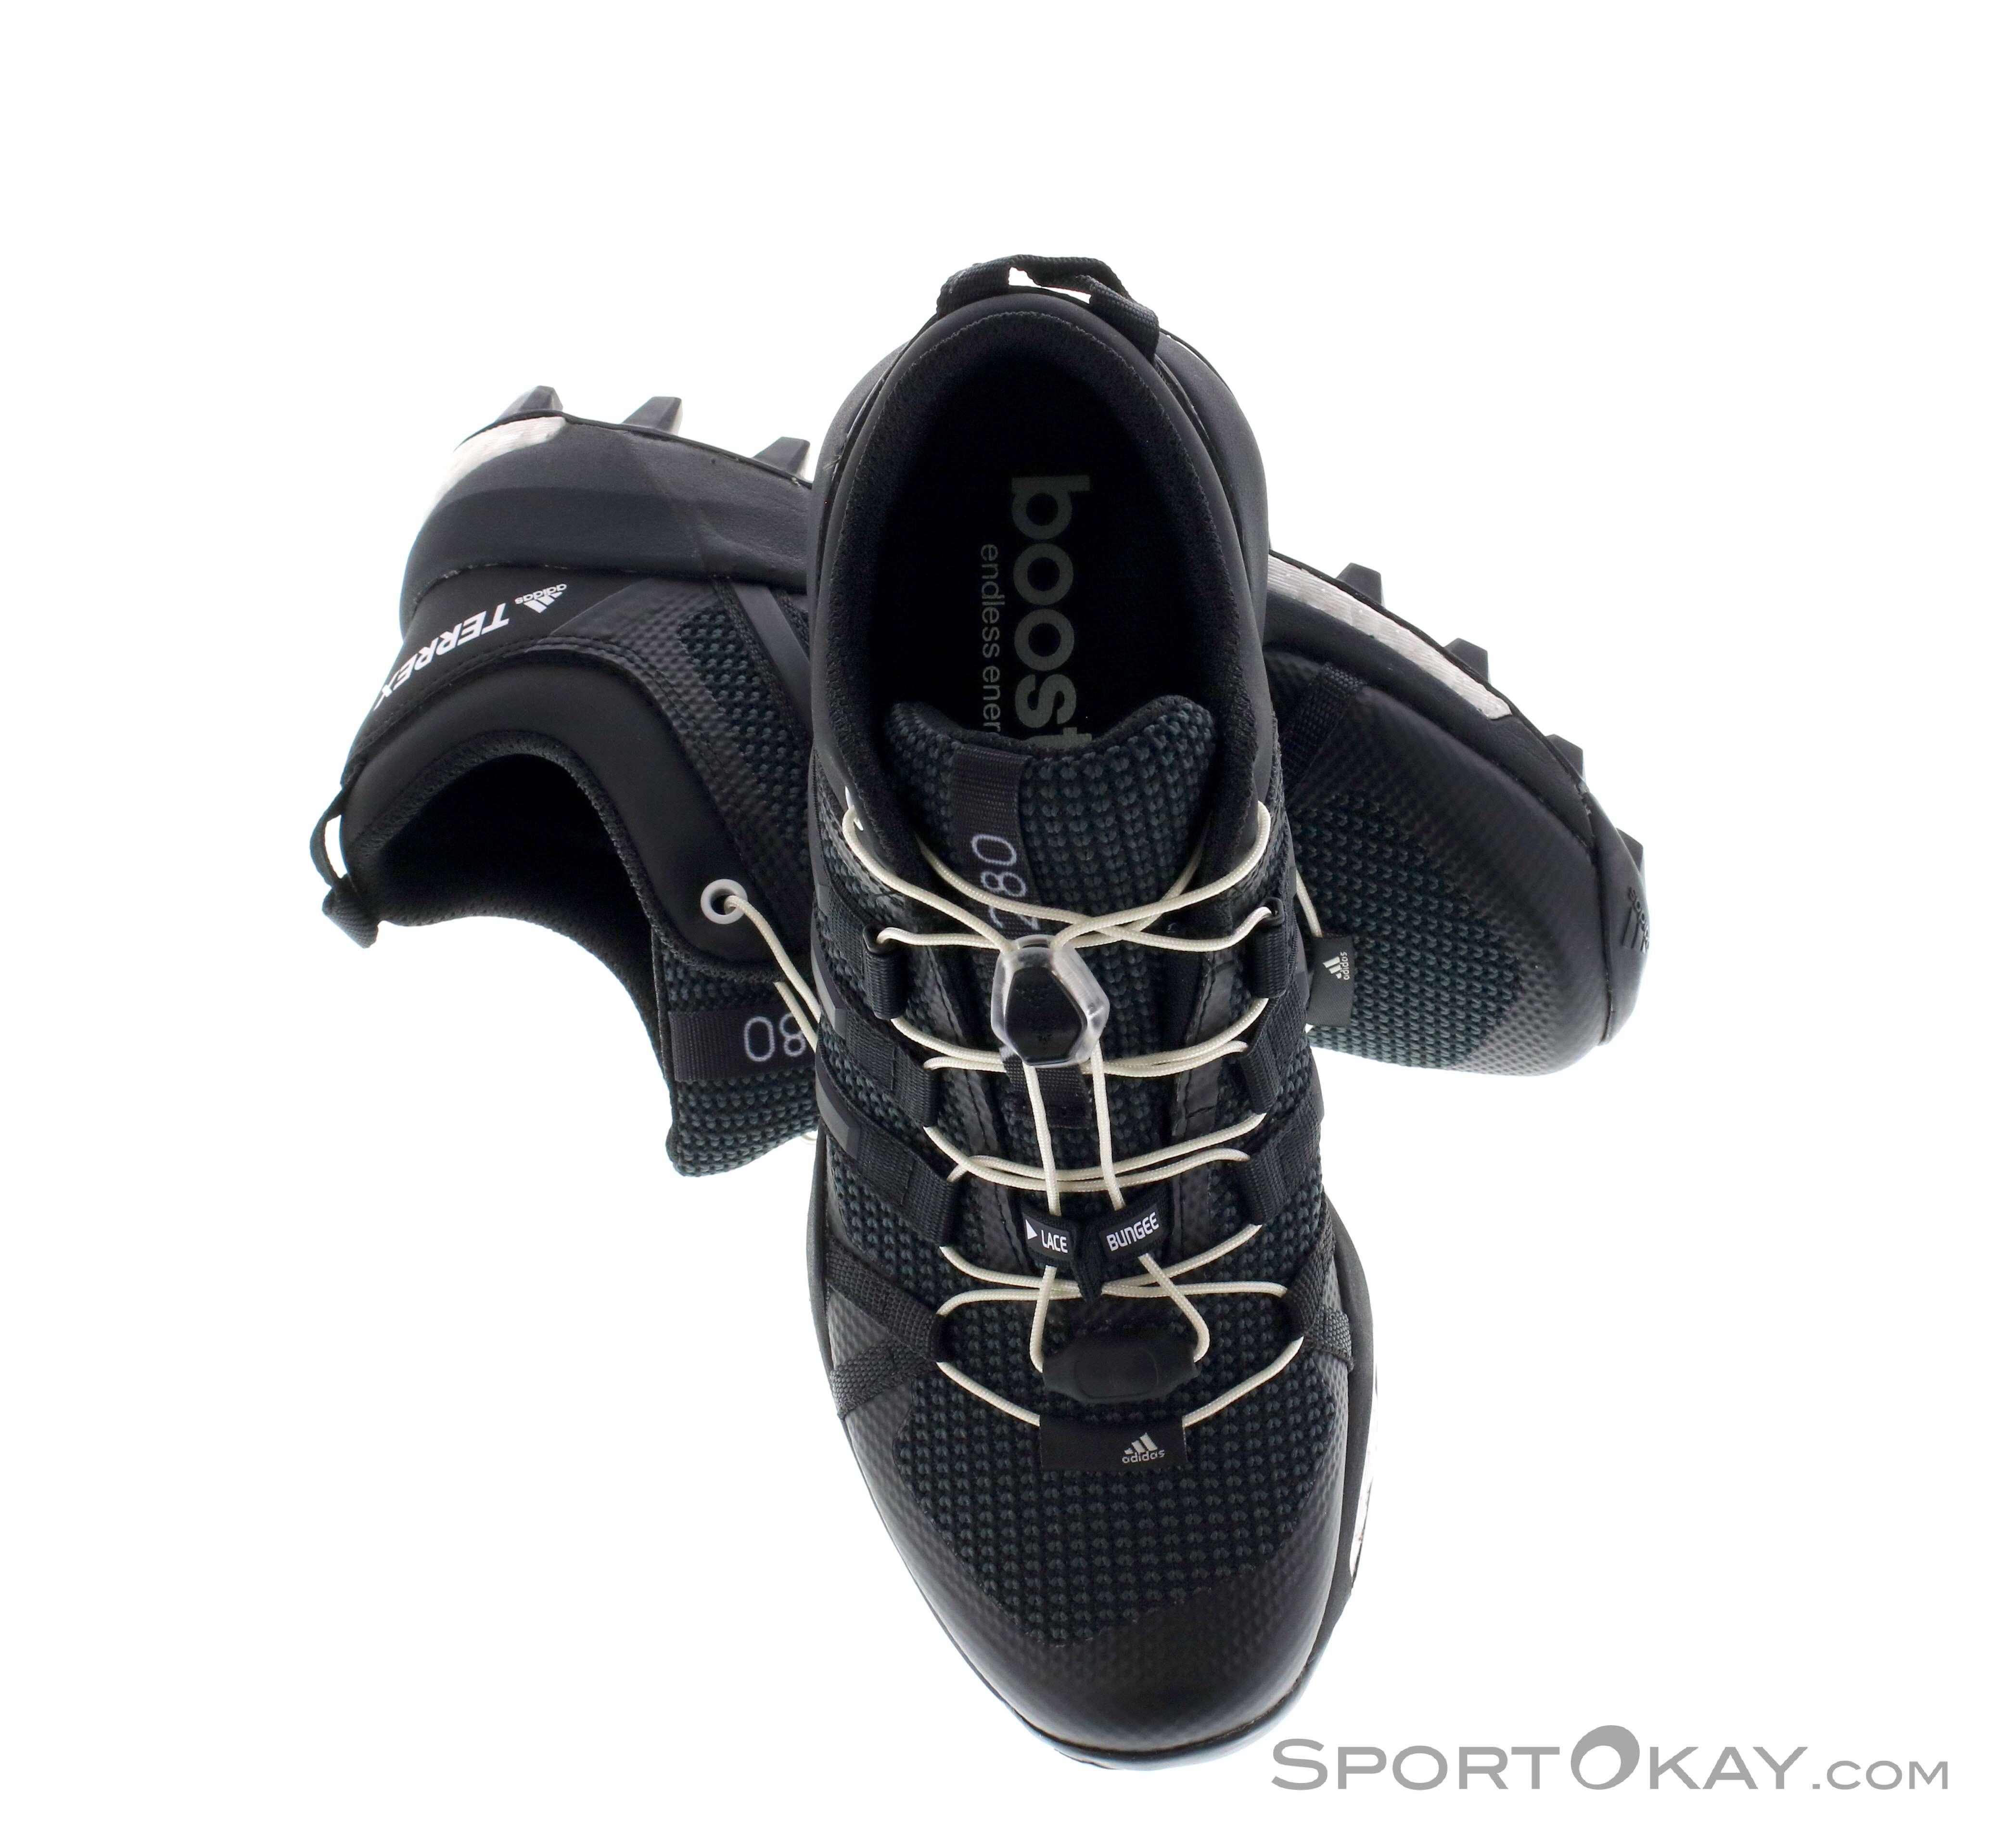 timeless design 5ddad 67ce8 adidas Terrex Skychaser Donna Scarpe da Trail Running, adidas, Nero, , Donna ,